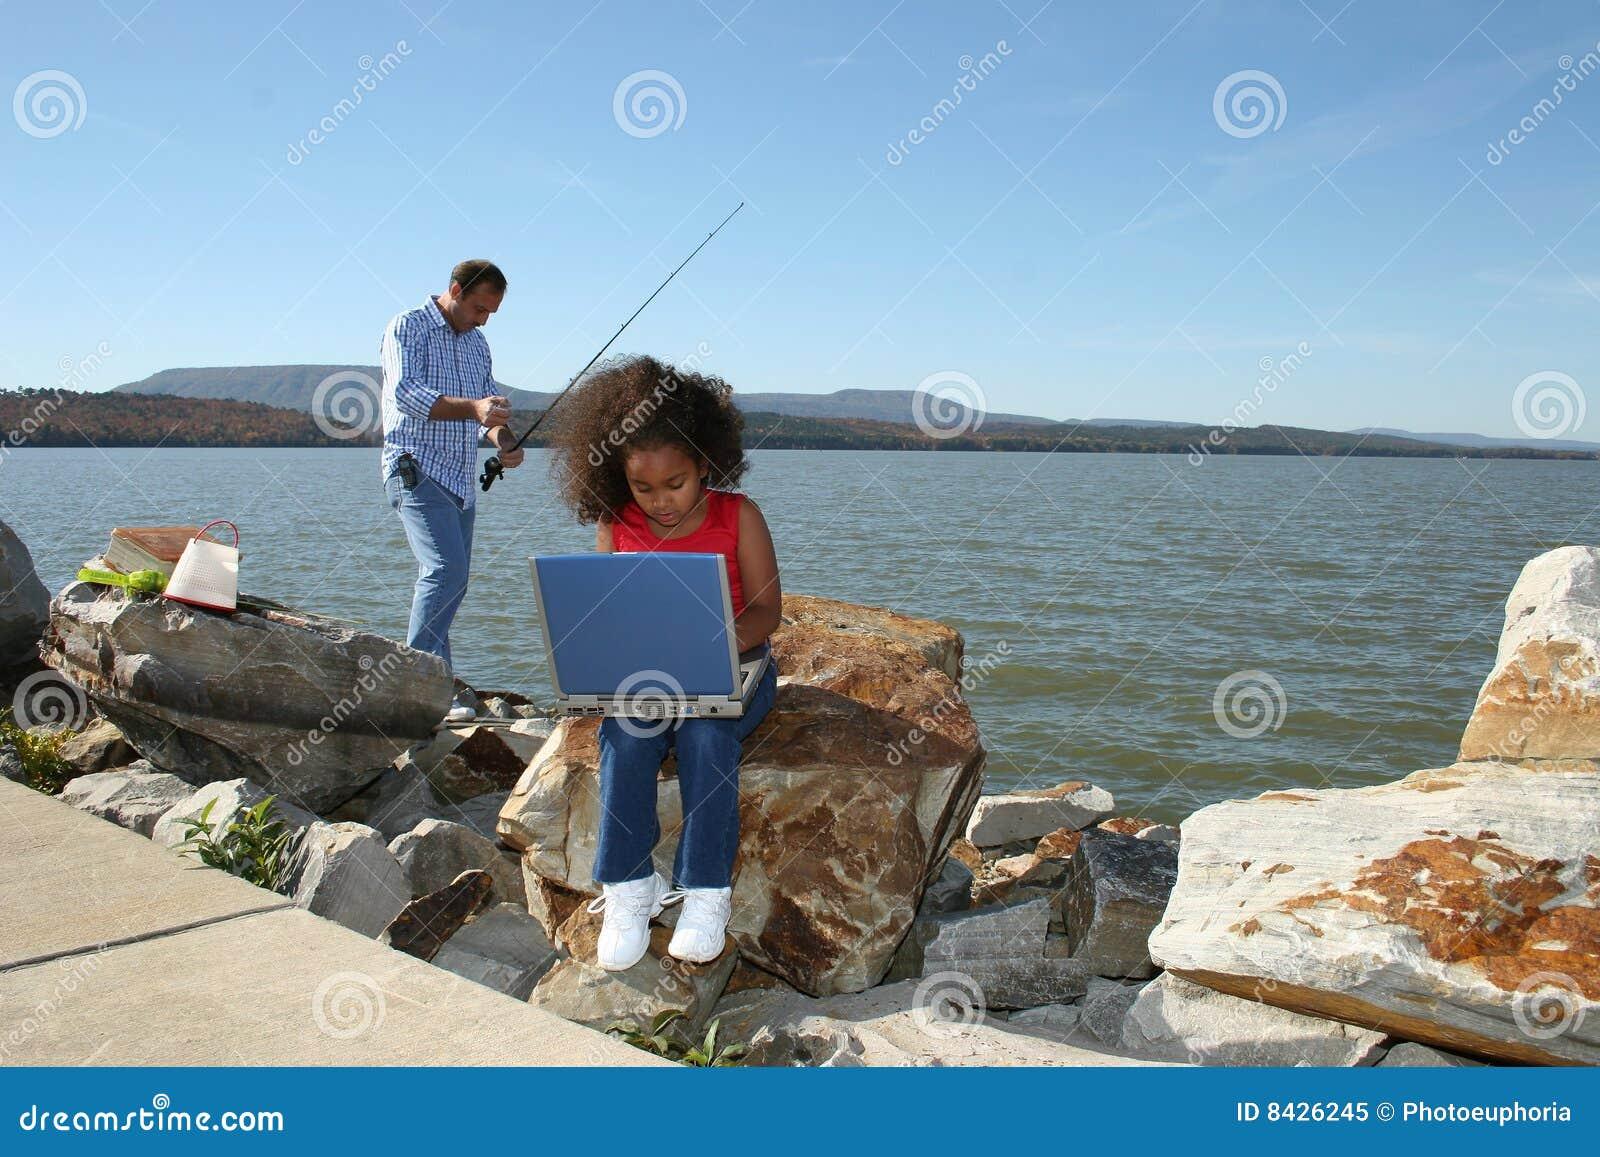 Girl on computer and fishing